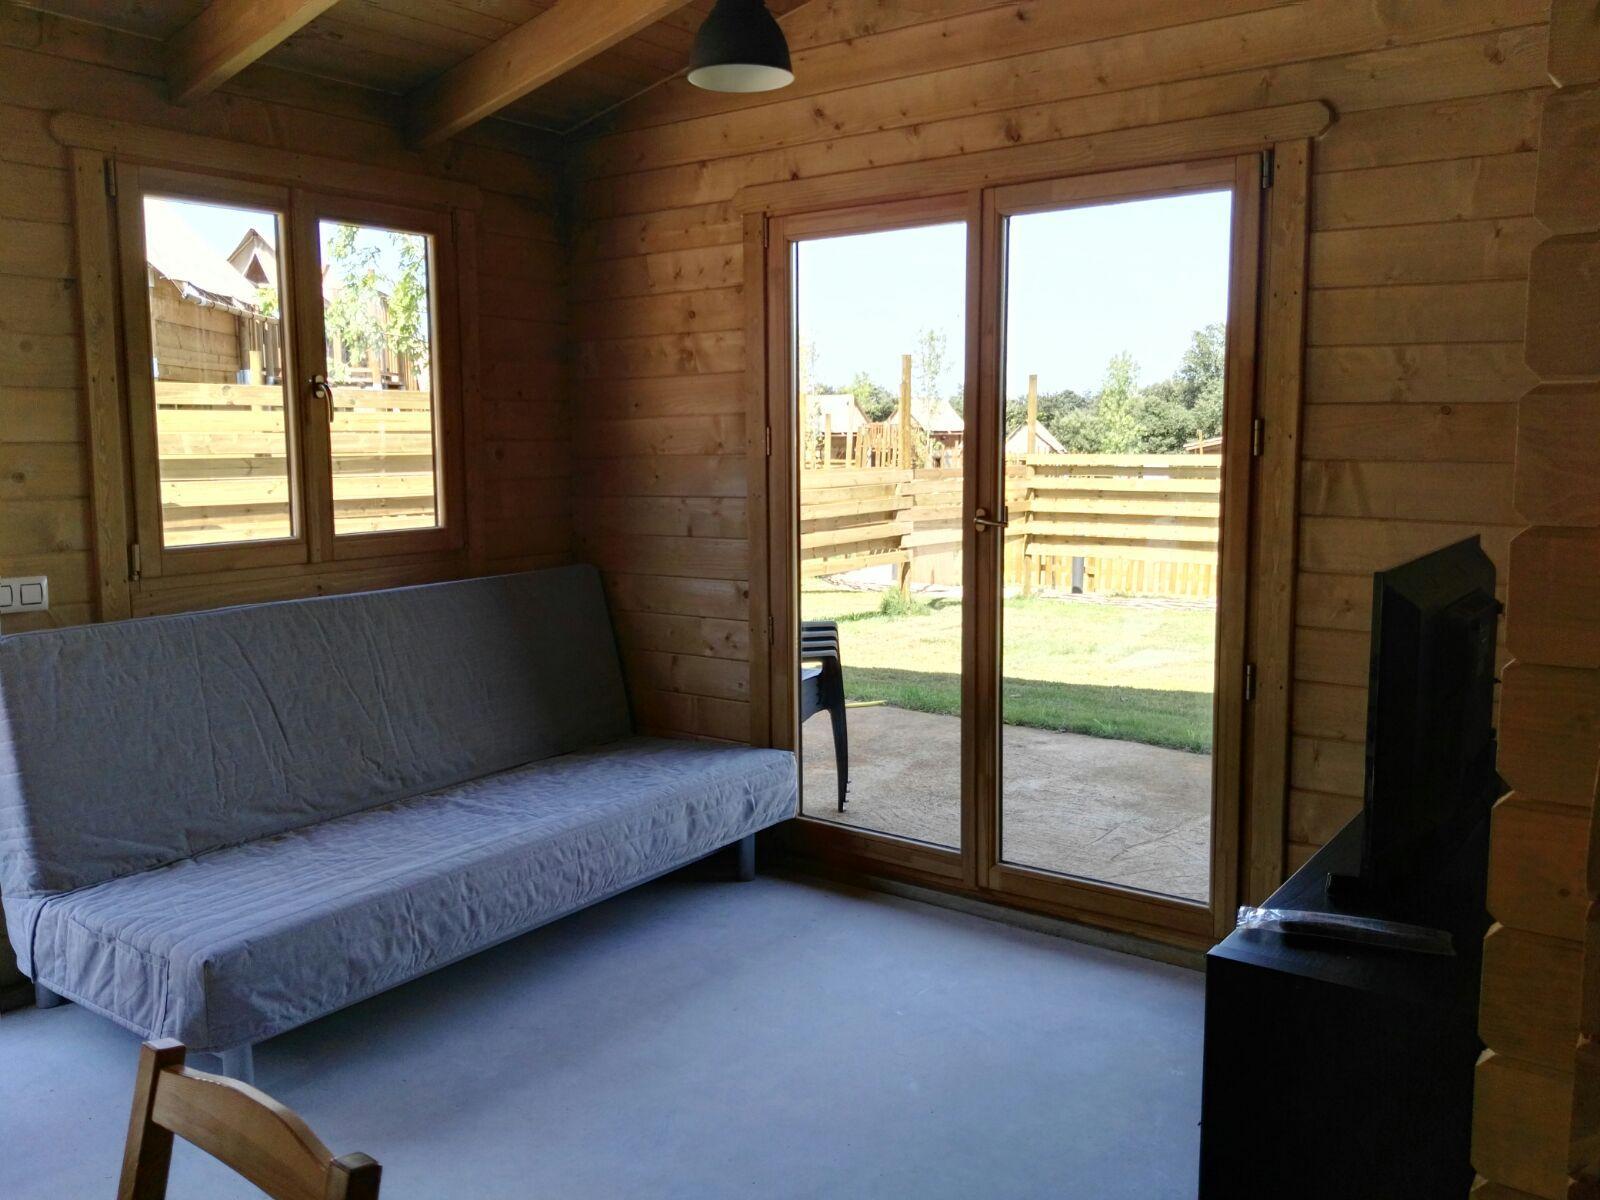 camping rural montori 18258 Salón comedor chalet de madera